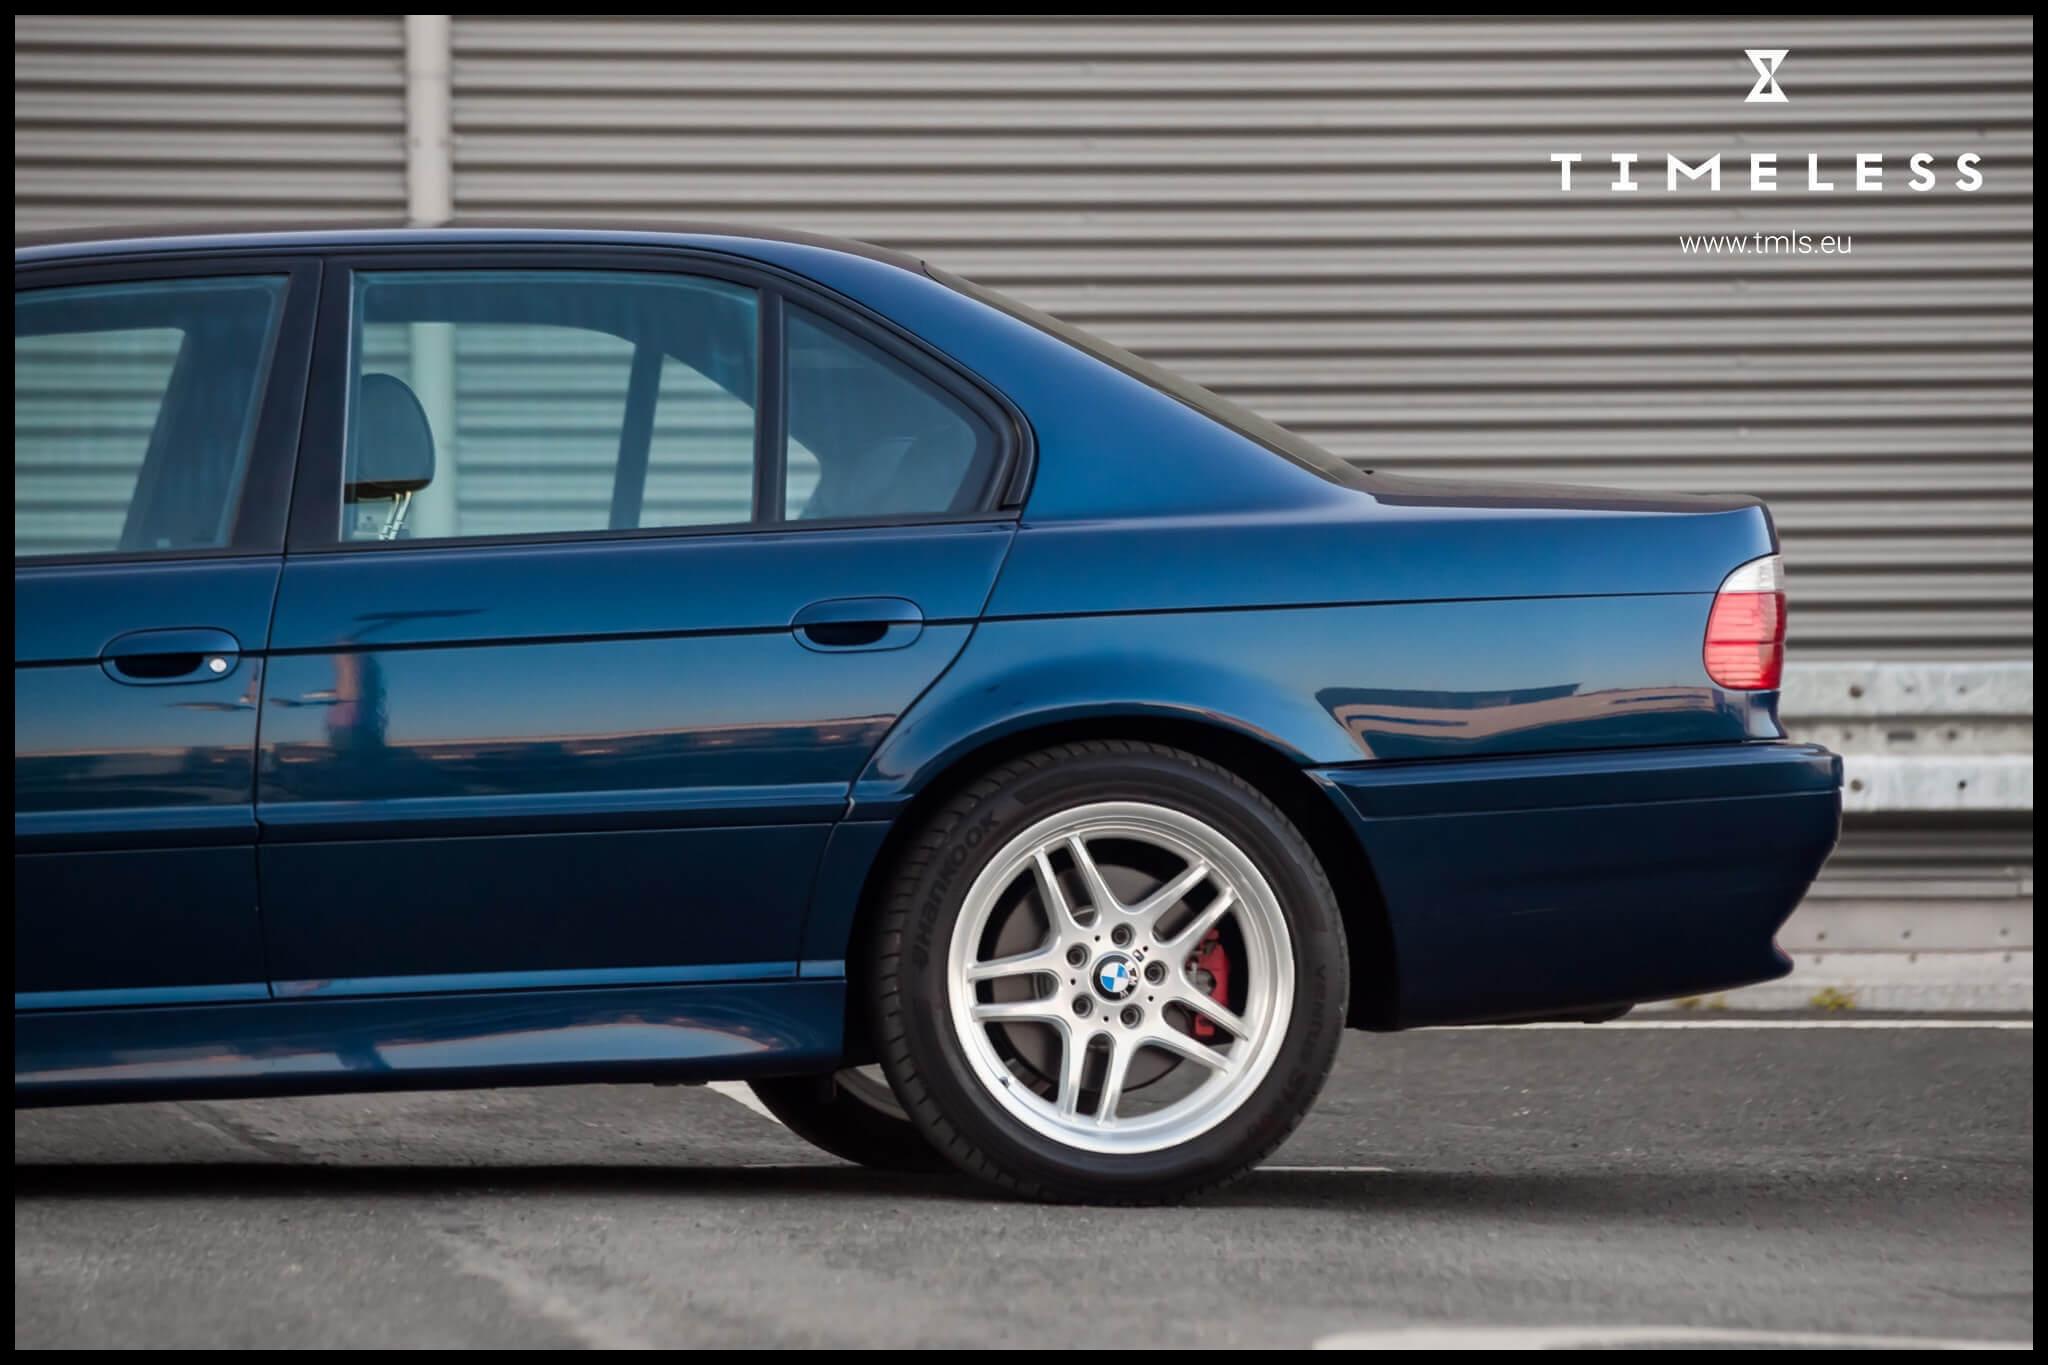 BMW 740i Sport E38 001 TMLS tab 002 TMLS tab 003 TMLS 004 TMLS